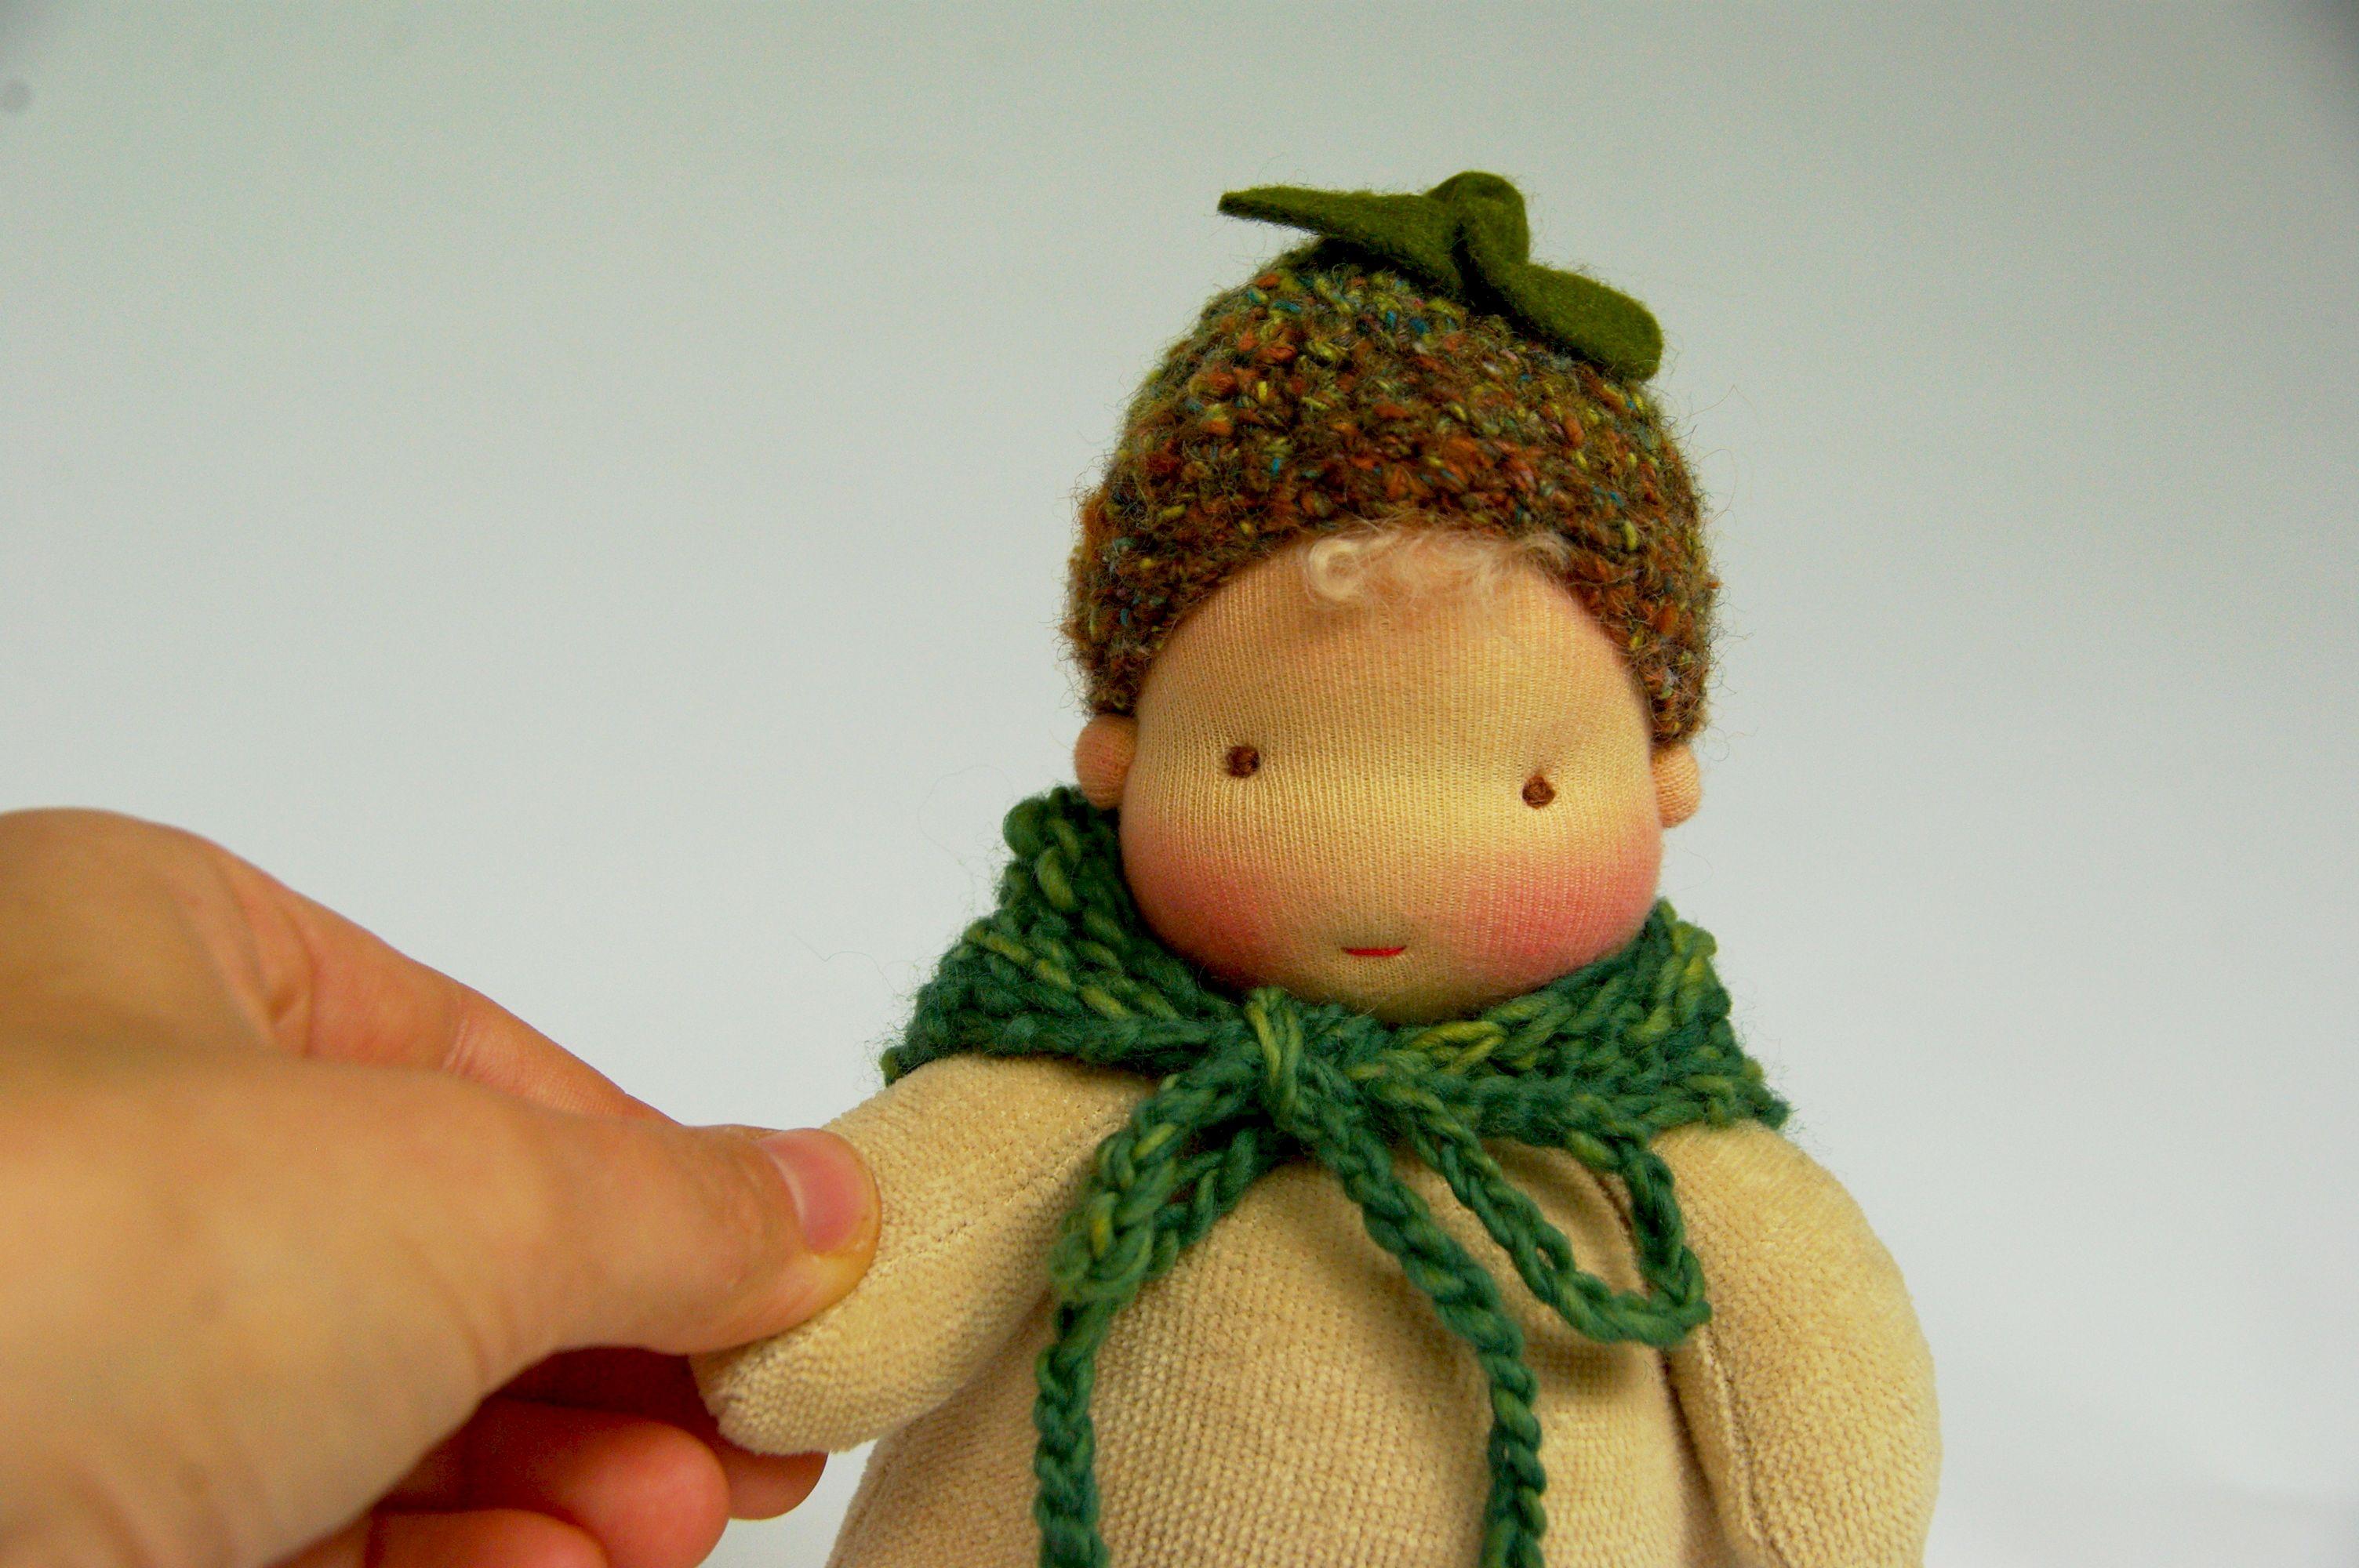 Handgemachte Waldorfpuppen, natürliche Puppen: Spielpuppen und Babypuppen vom Atelier Lavendel sind aus natürlichen materlialien individuell mit viel Liebe zum Detail hergestellt.